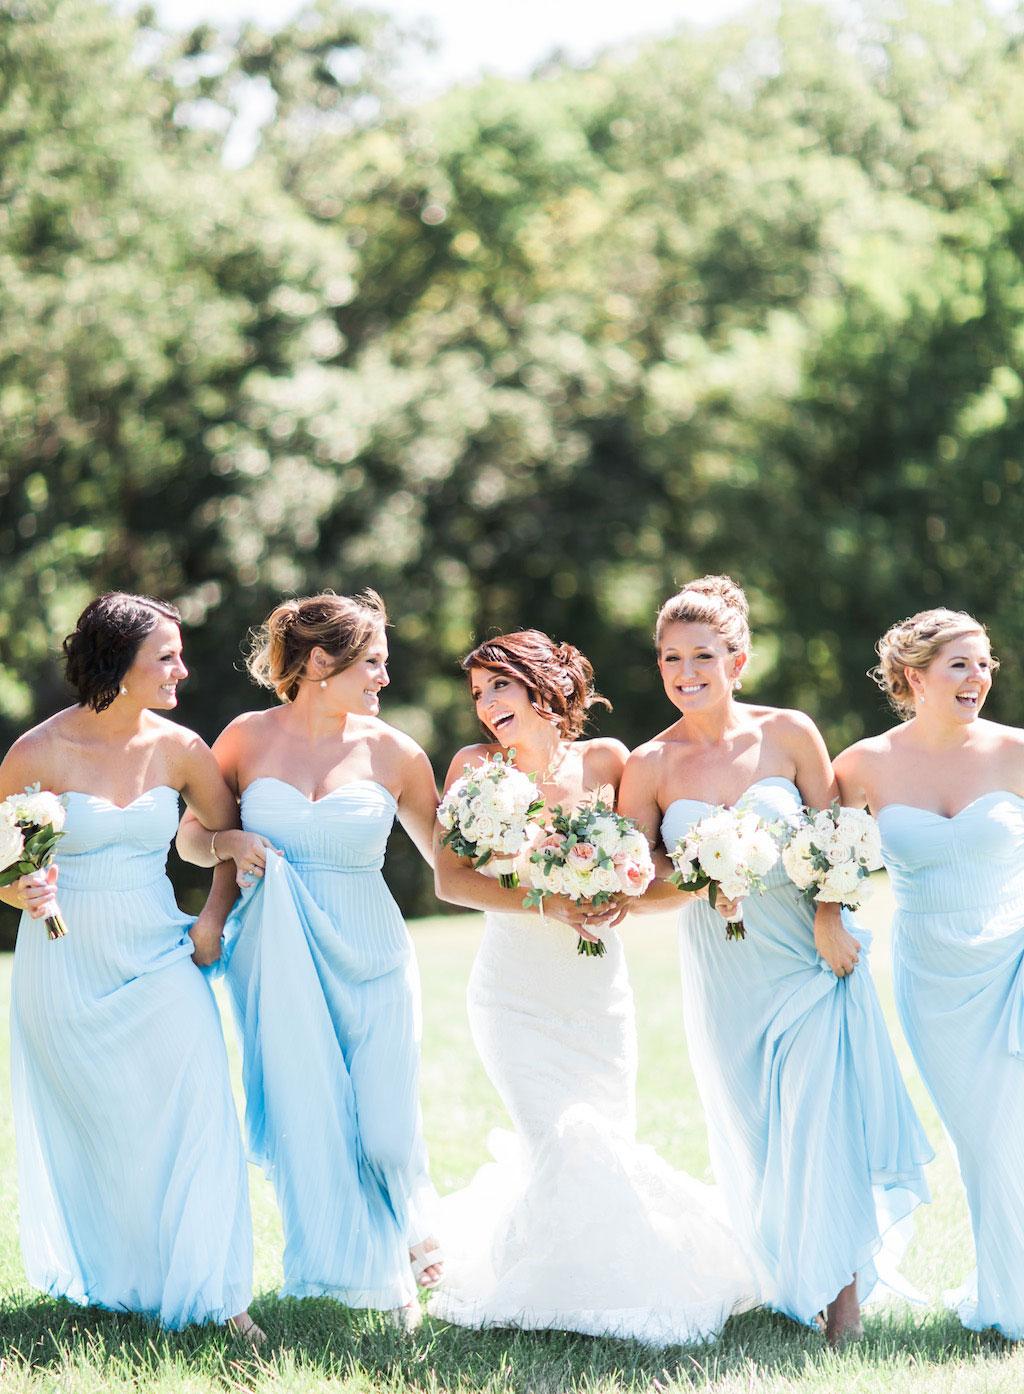 5-19-16-bright-sunlight-navy-blue-wedding-chantilly-virginia-new2